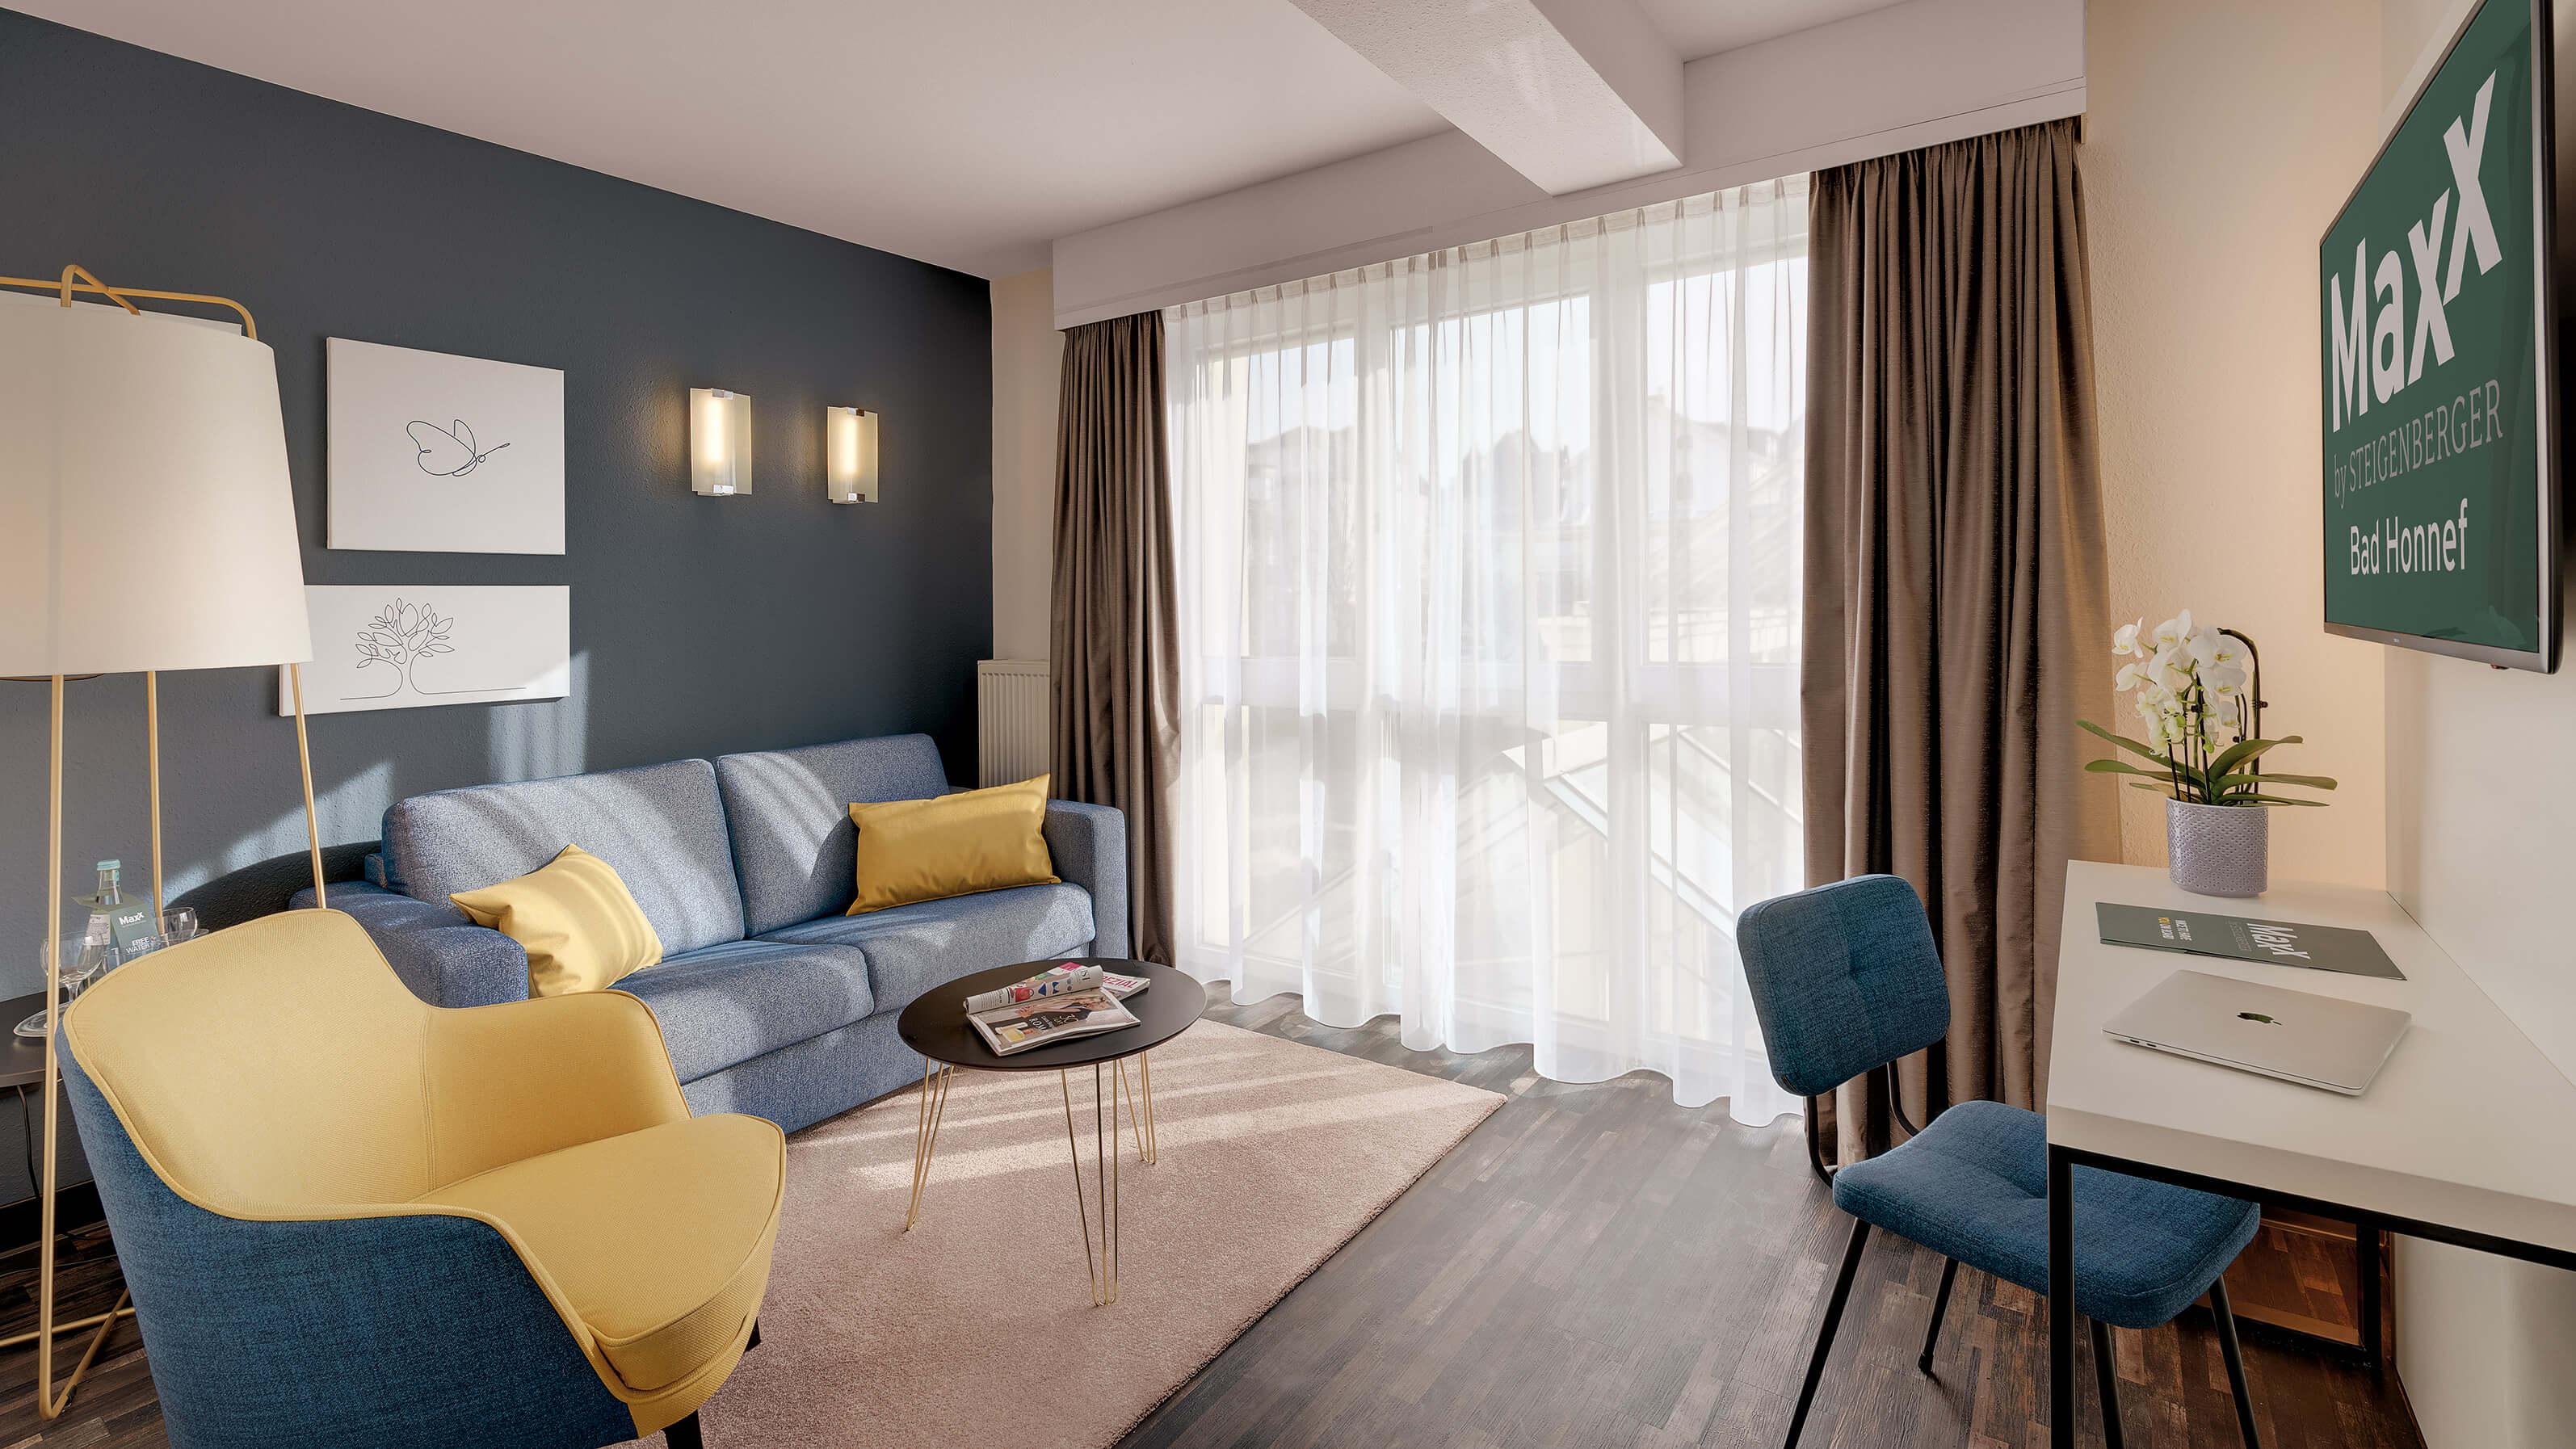 hotelausstattung-hoteleinrichtungen-bachhuber-bad-hohonnef7